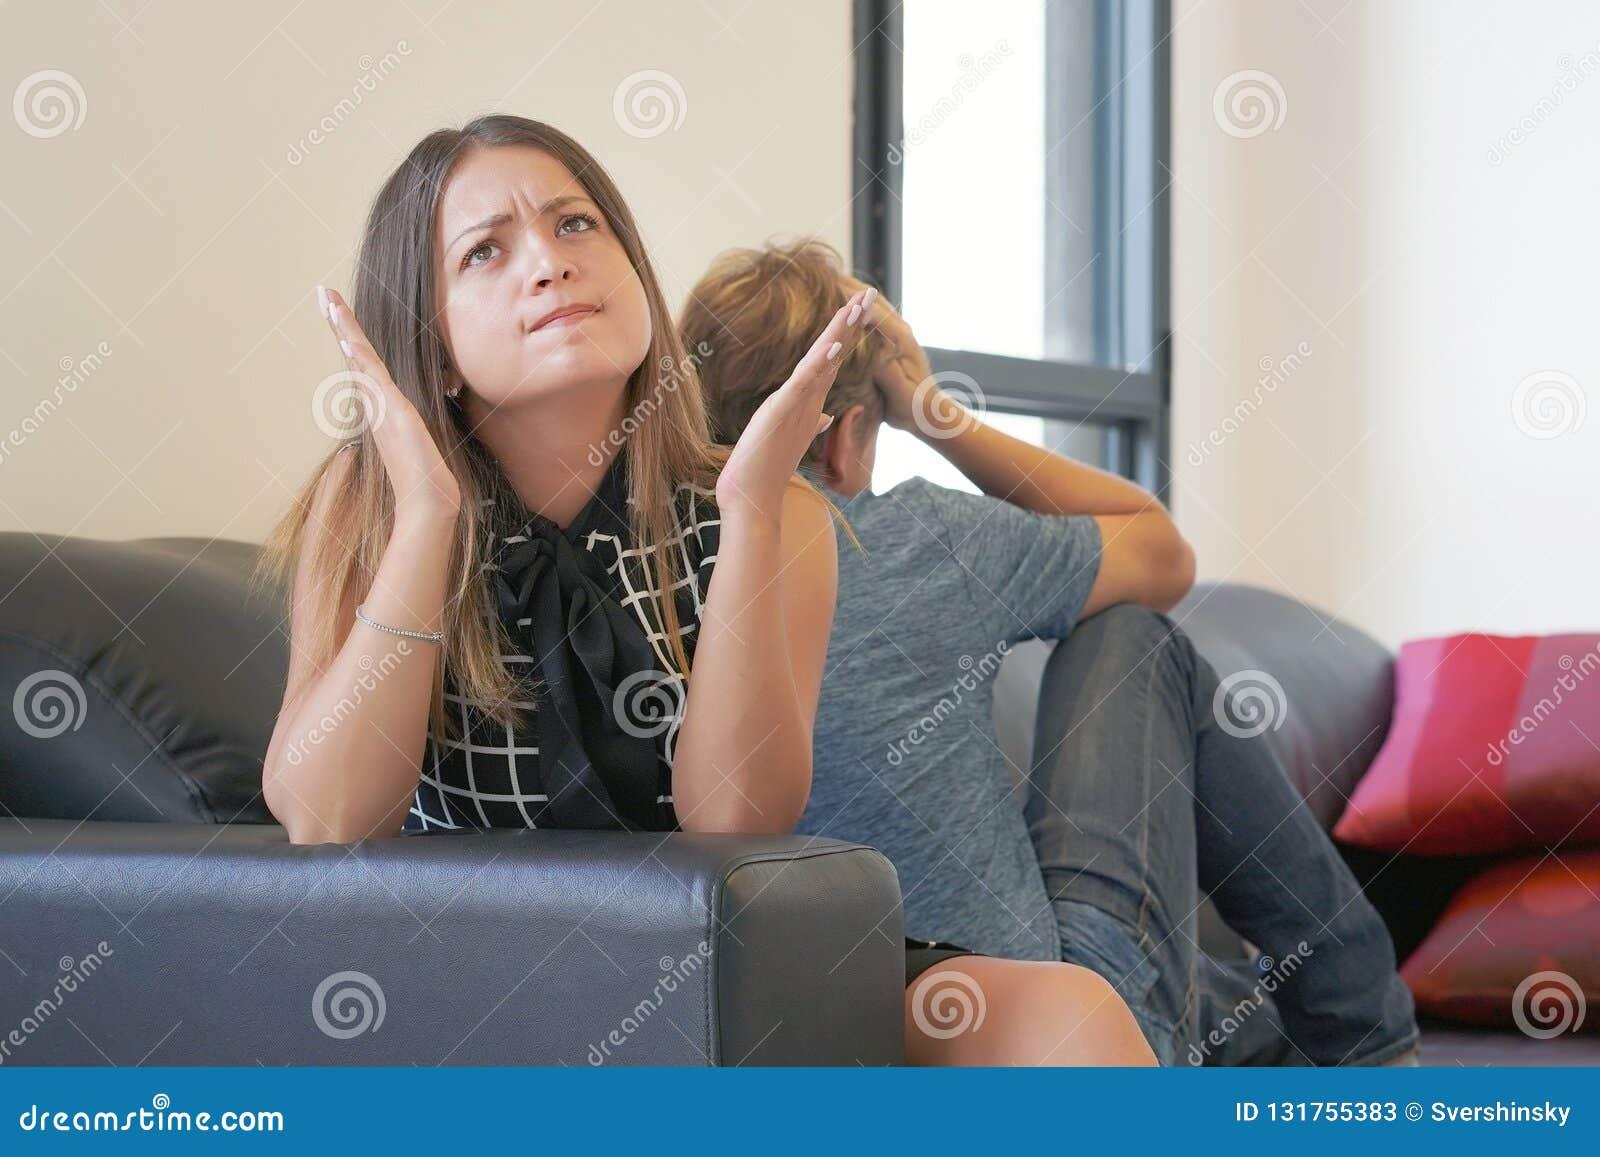 歇斯底里的妇女,尖叫,愤怒,长期联系的结尾,一个醺酒,吸毒上瘾的伙伴